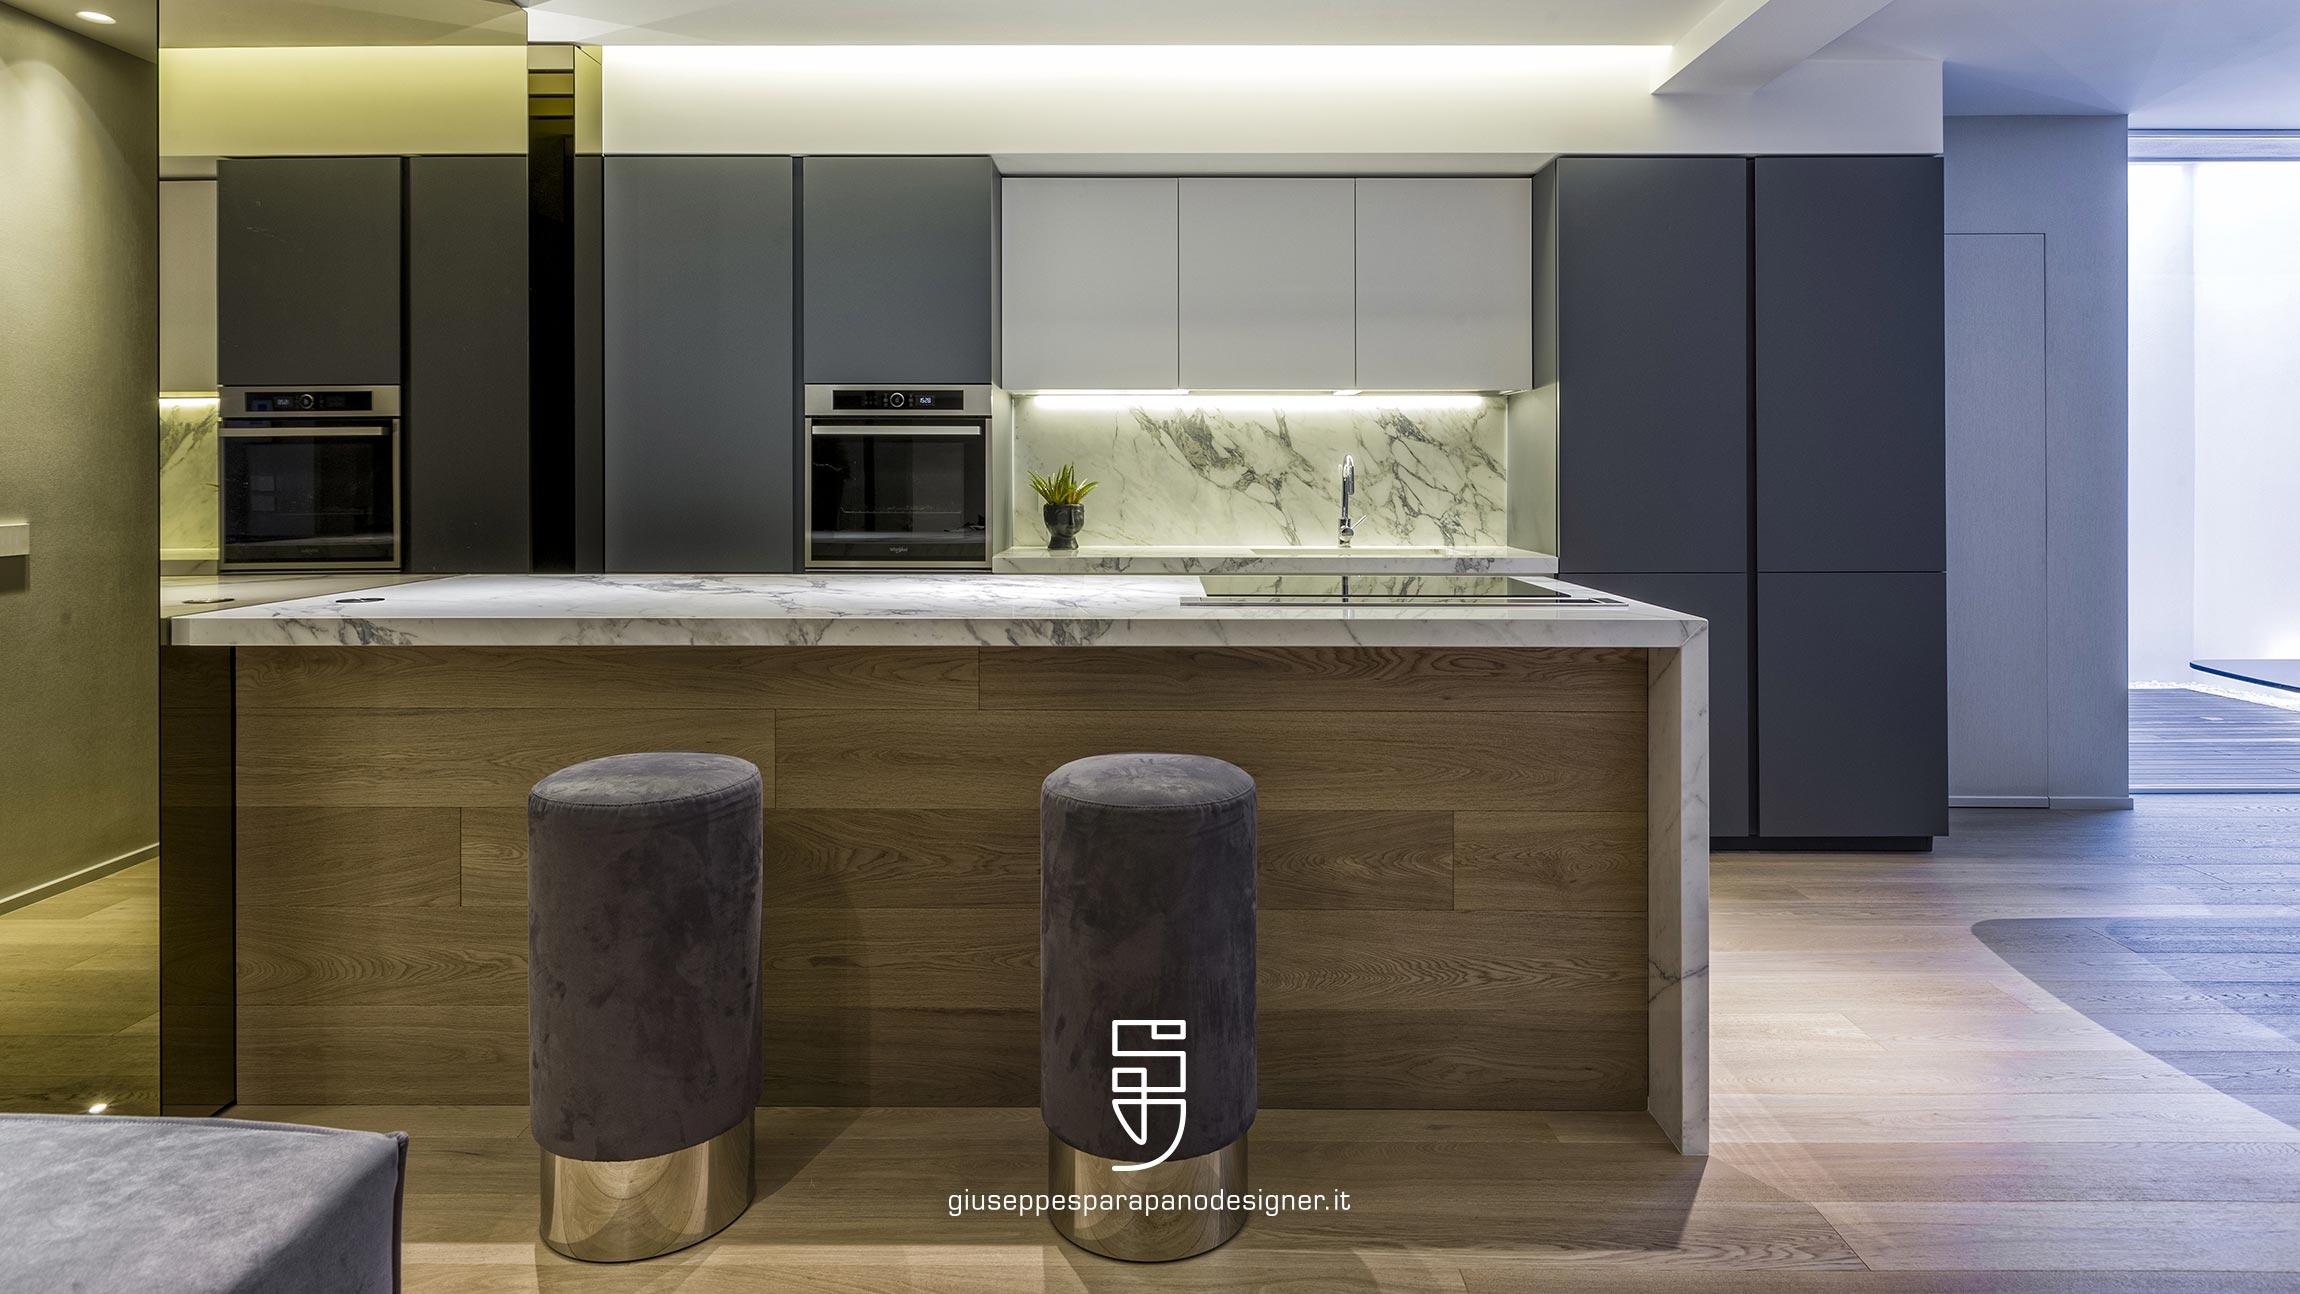 cucina con isola rivestita in parquet colore naturale rovere spazzolato e sgabelli rivestiti in Nabuk